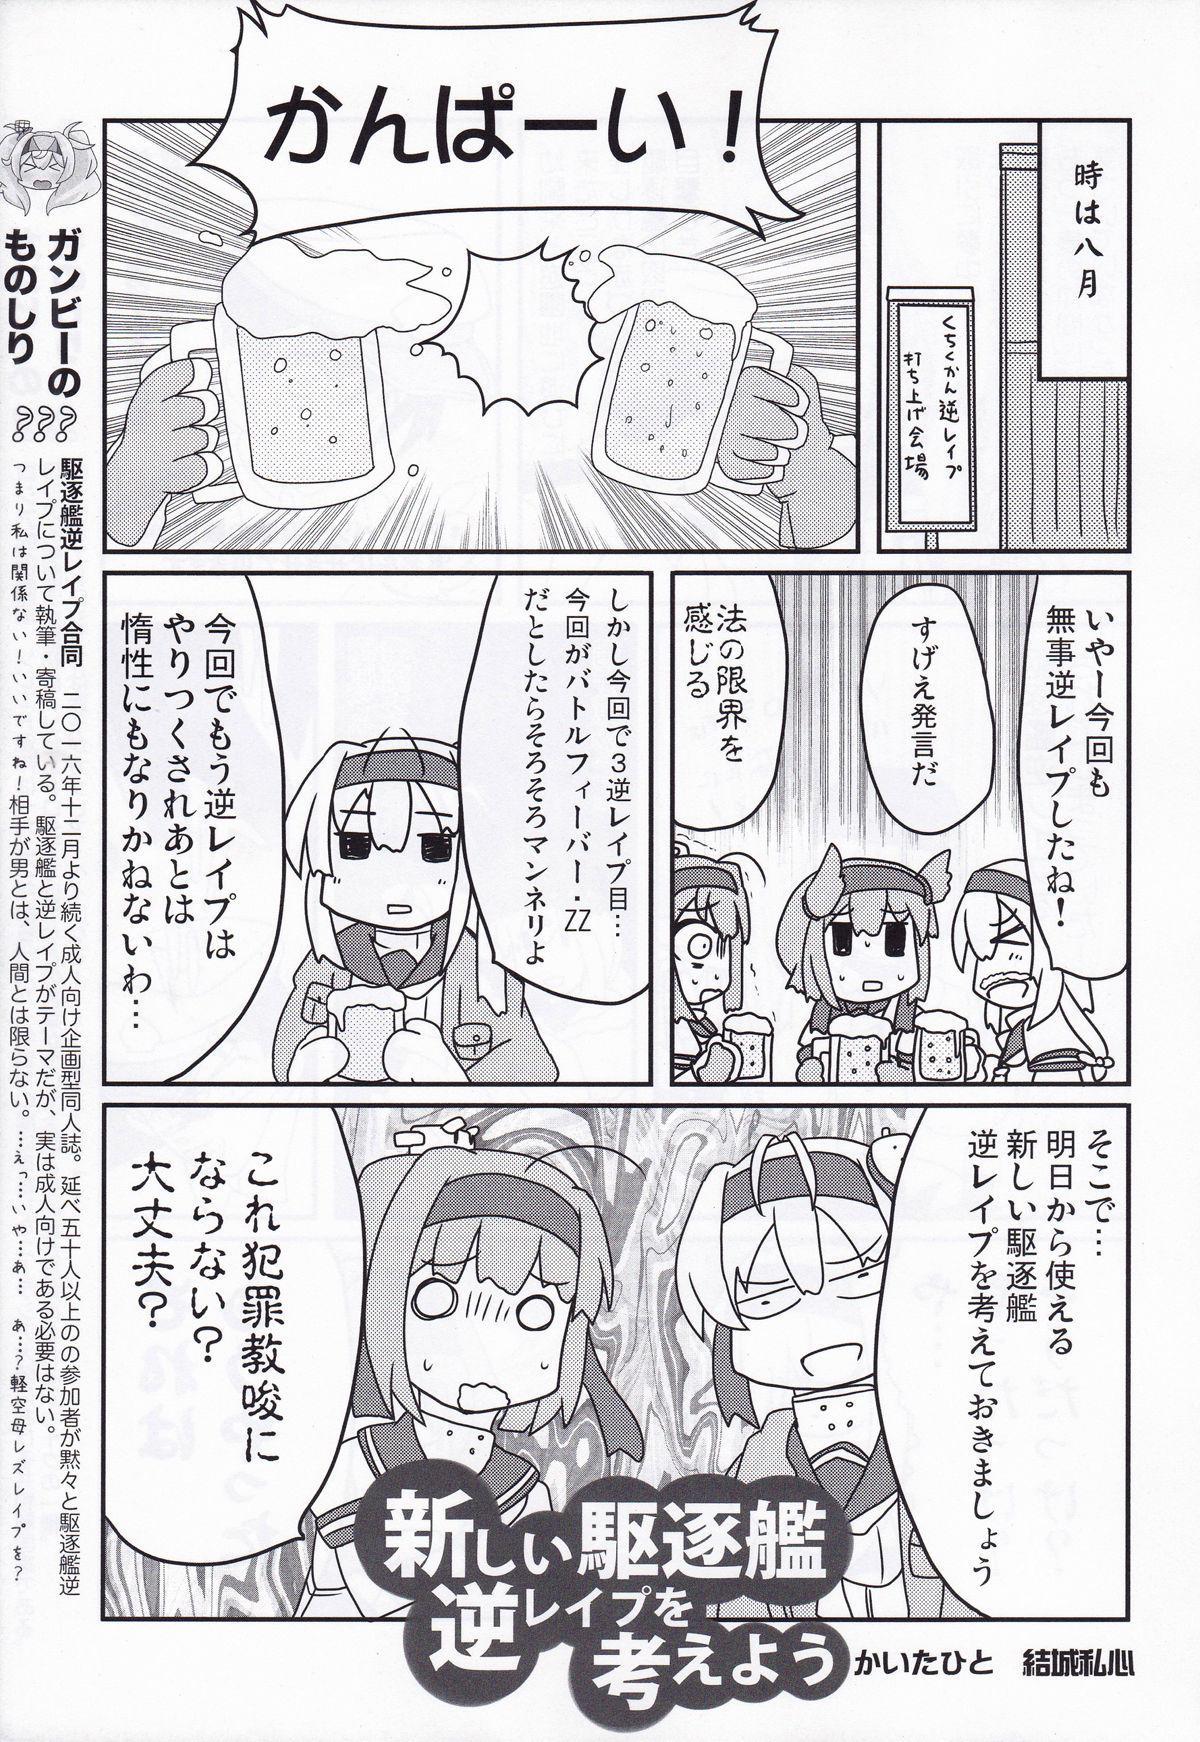 Kuchikukan Gyaku Rape Goudou 3 Ruihan 91